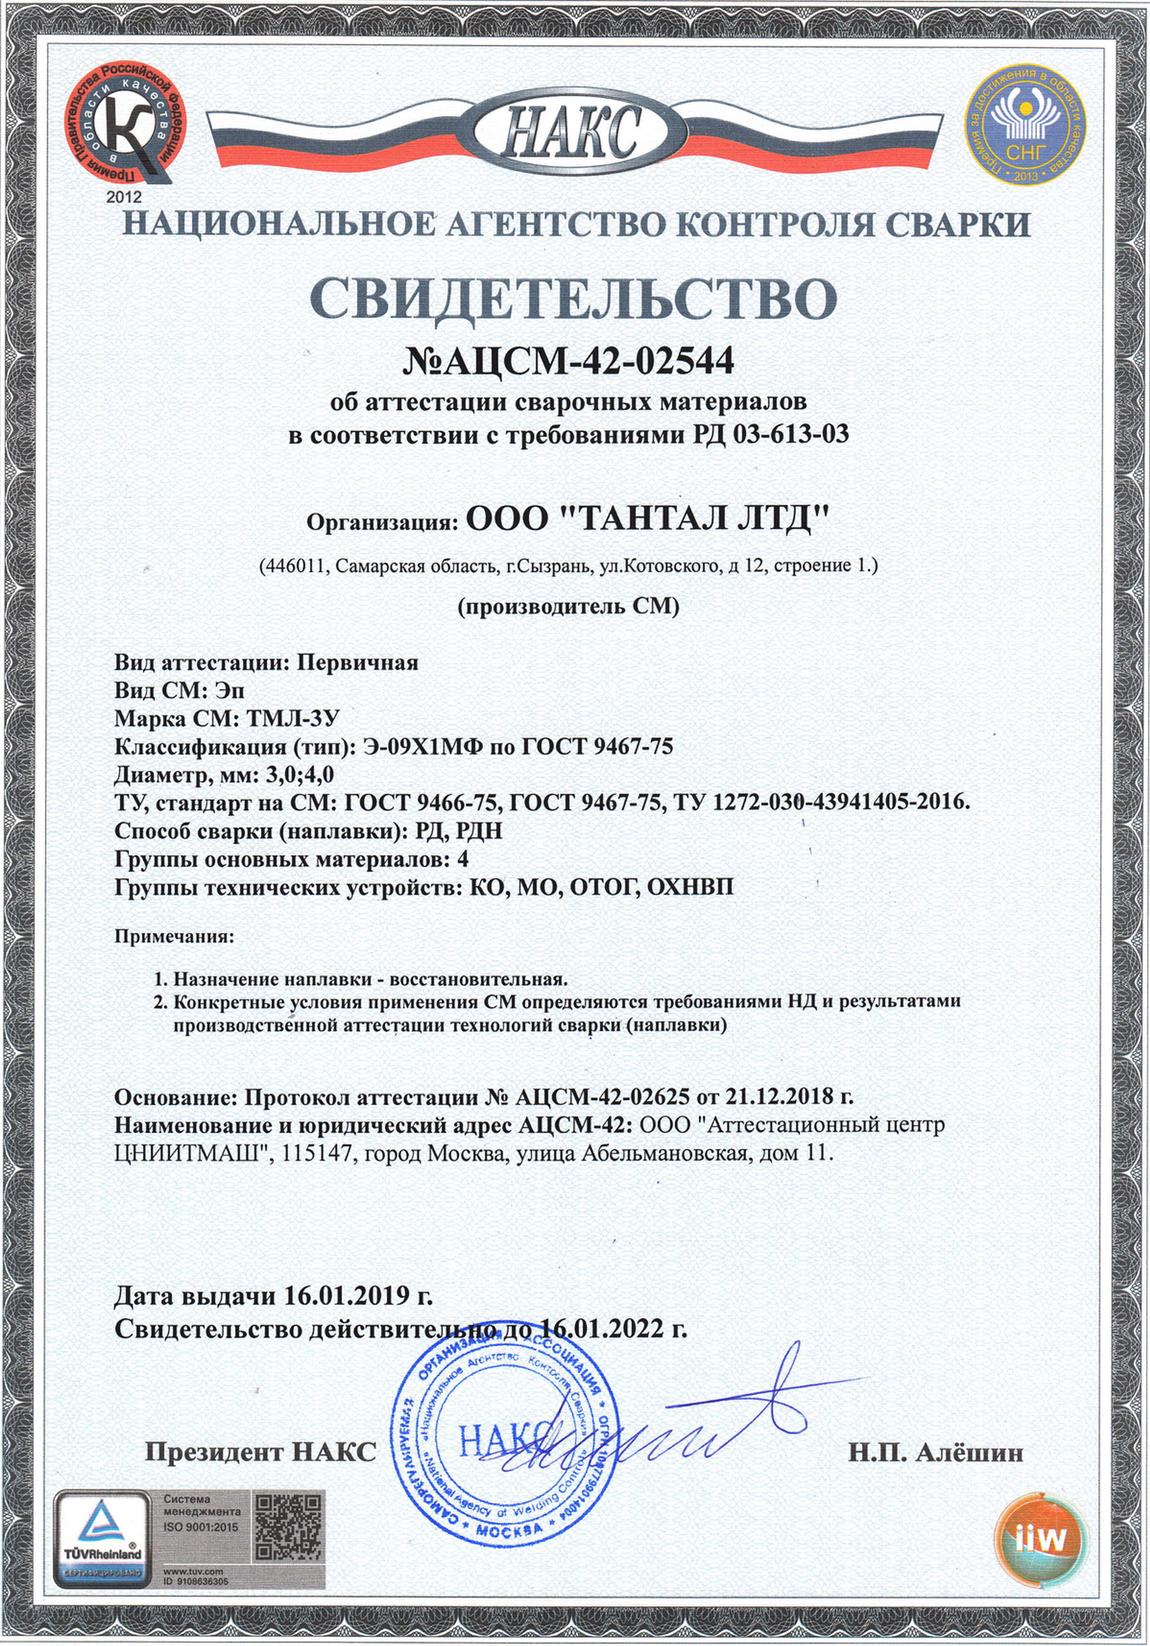 Свидетельство НАКС ТМЛ-3У (3мм-4мм)